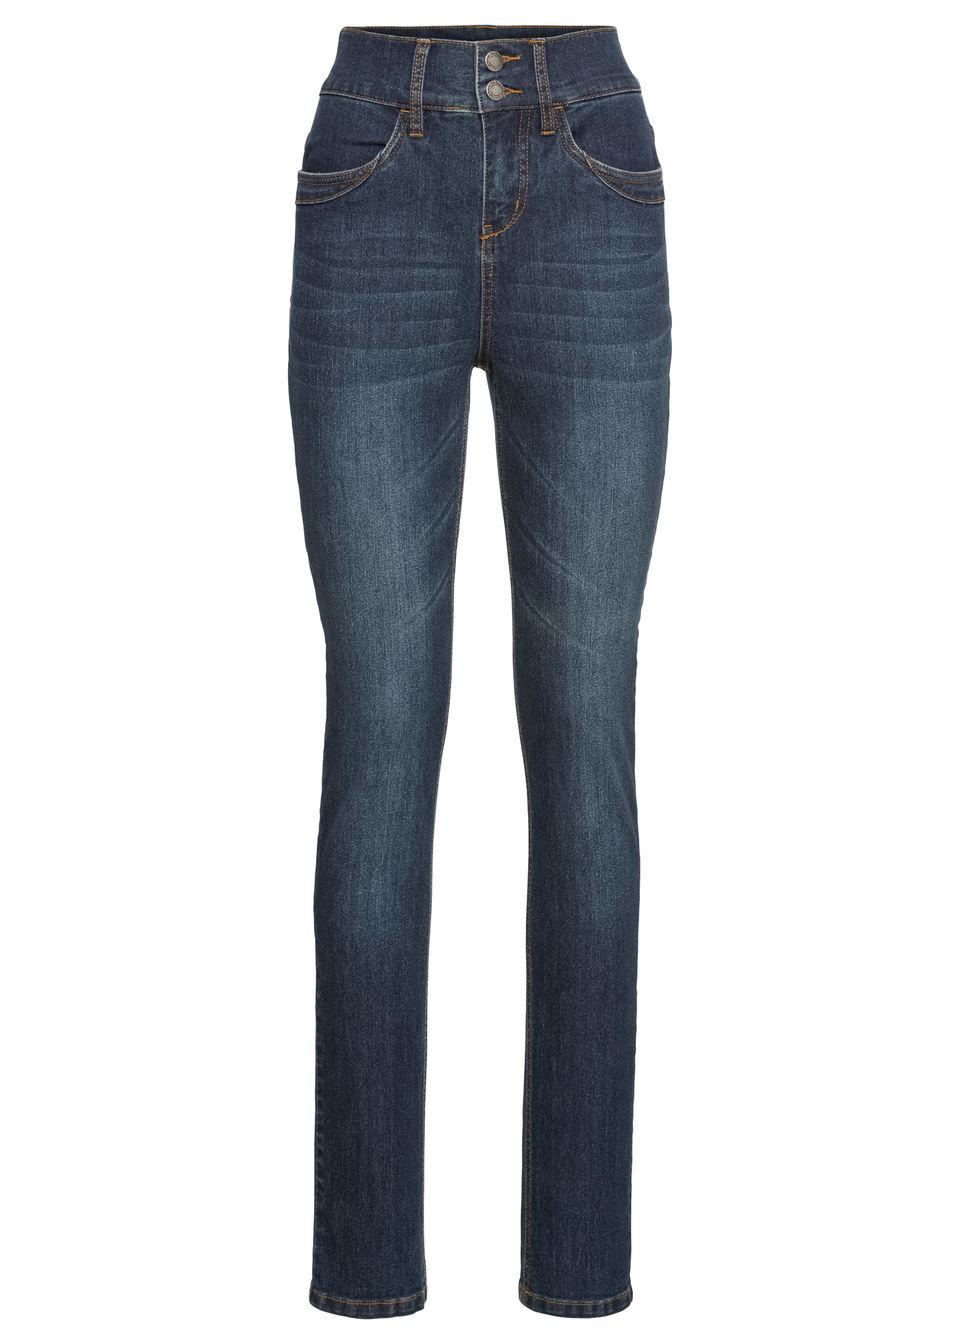 Комфортные джинсы-стретч HIGH WAIST SLIM от bonprix